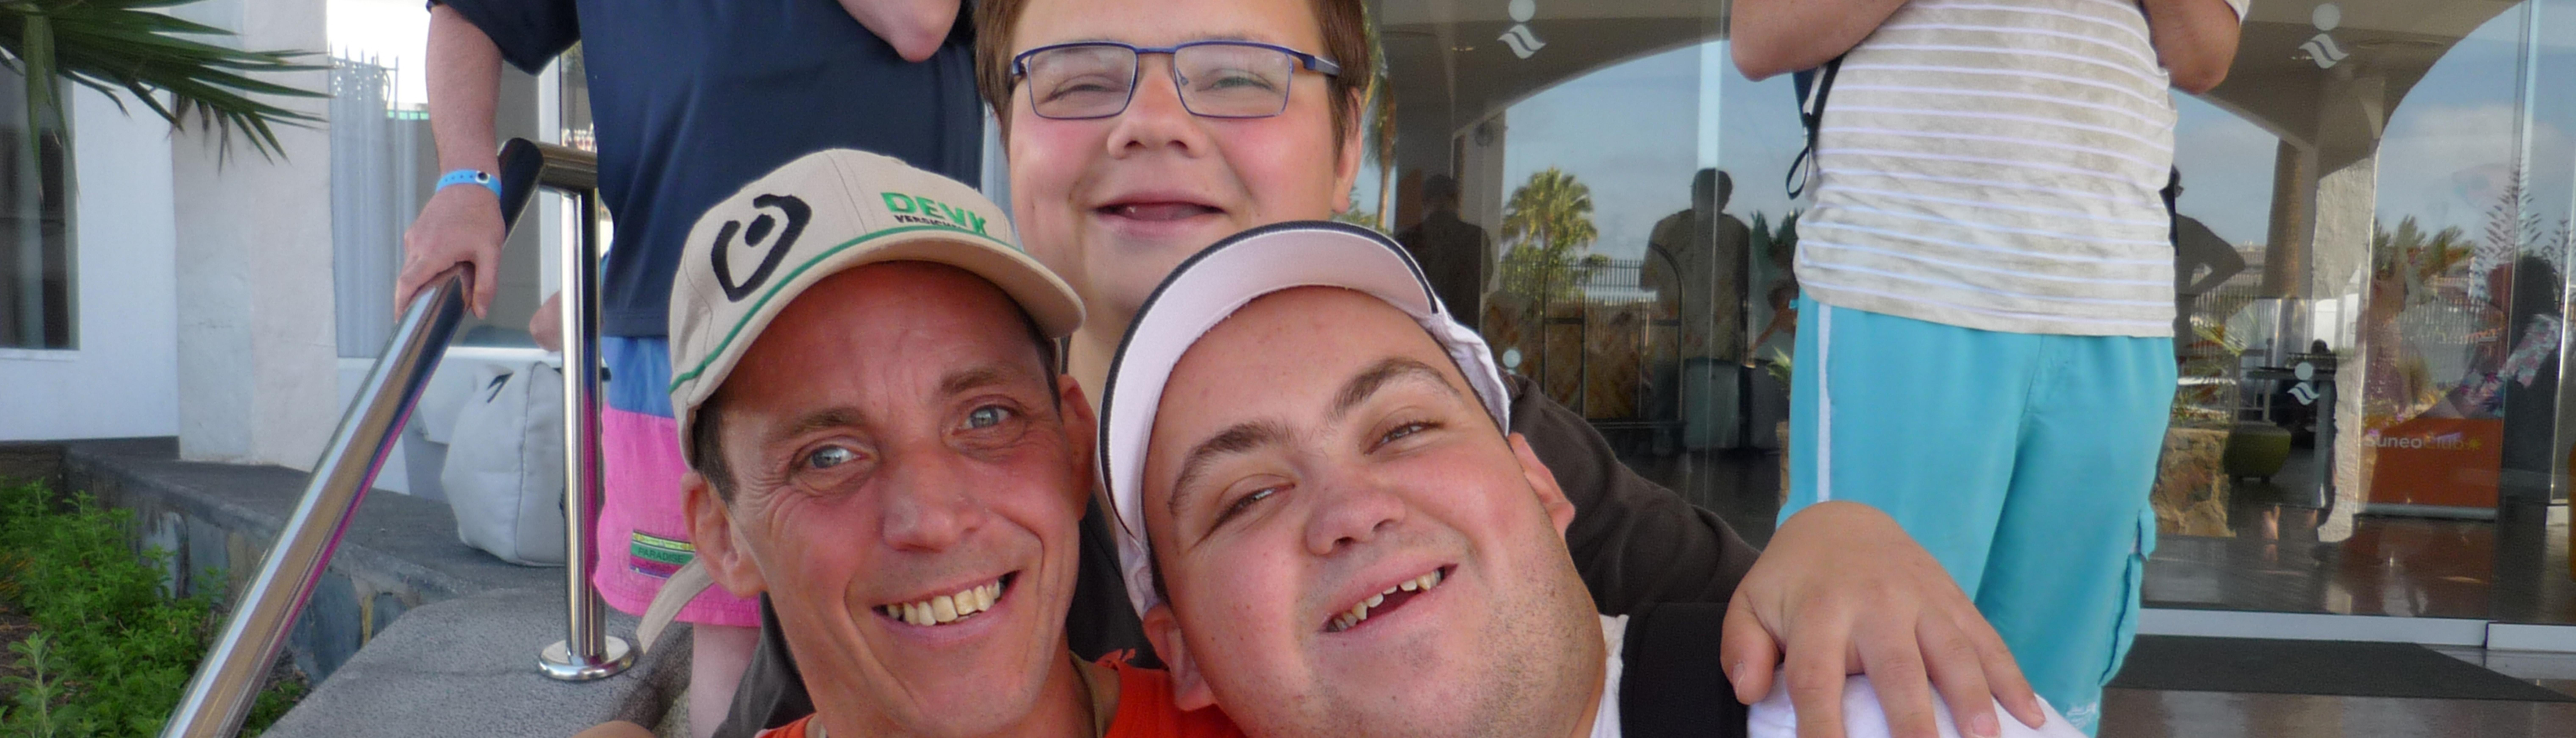 Dreiergruppe auf Treppe sitzend vor Eingang lächelnd